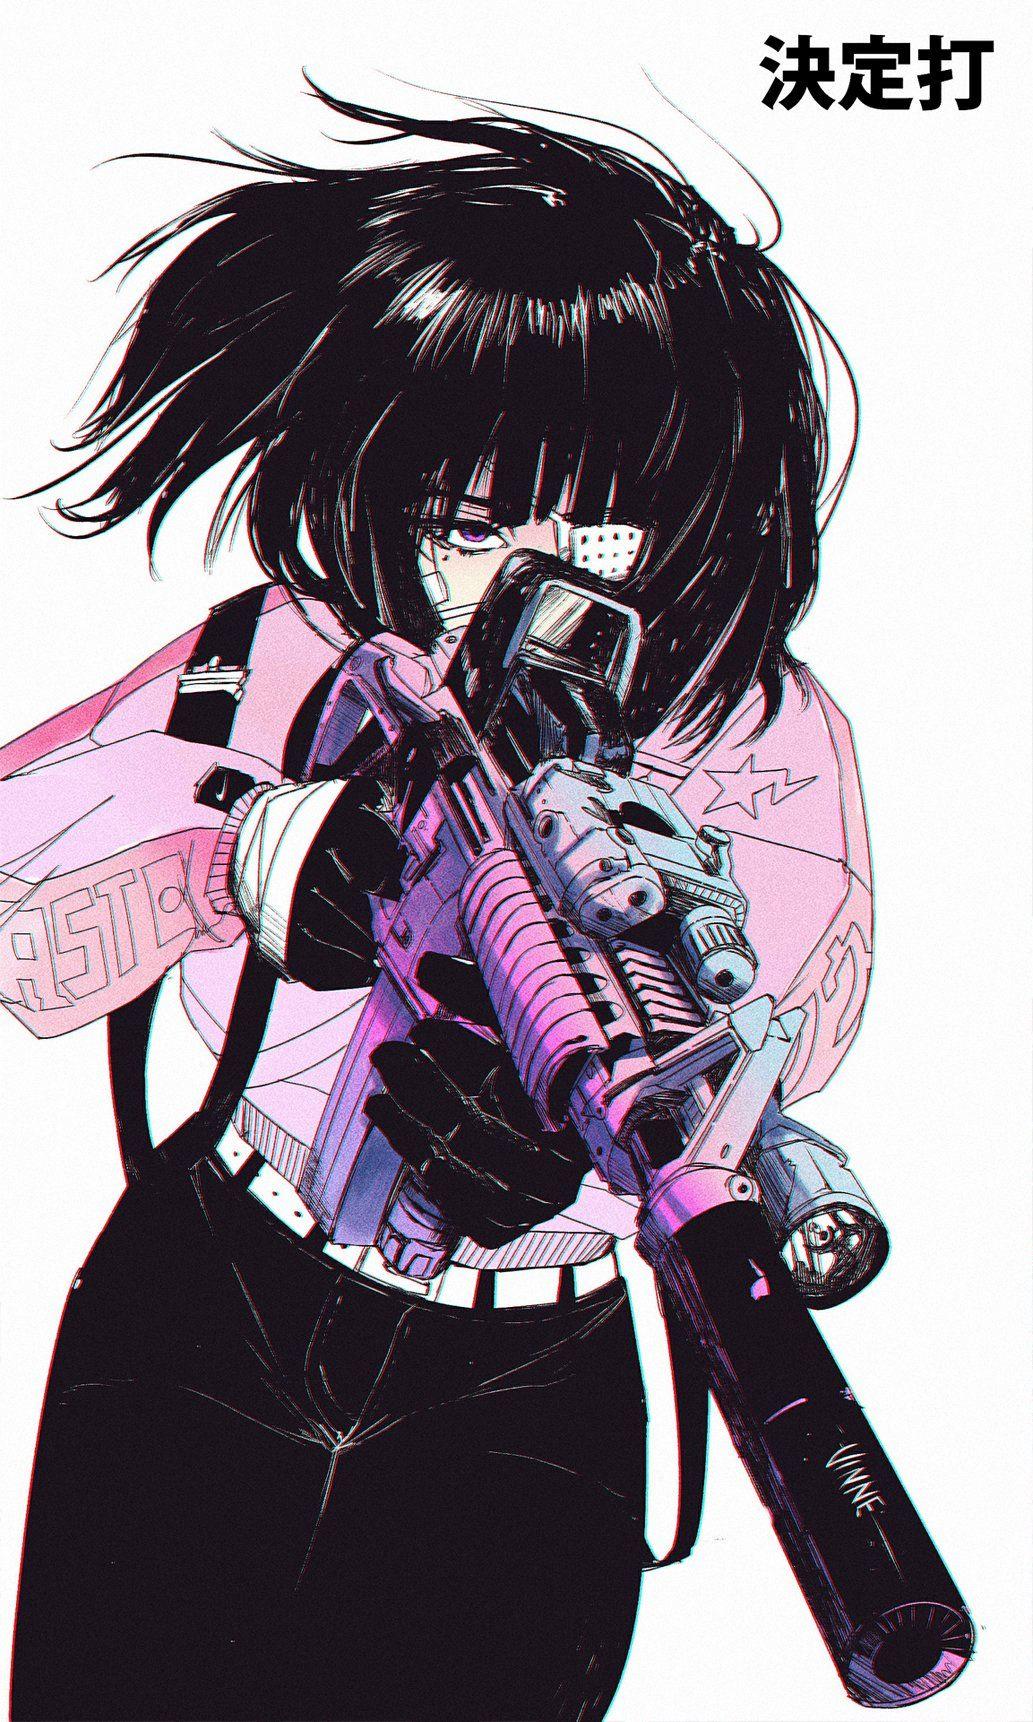 Aesthetic Anime Girl : aesthetic, anime, Vinne, Twitter, Manga, Anime, Character, Design